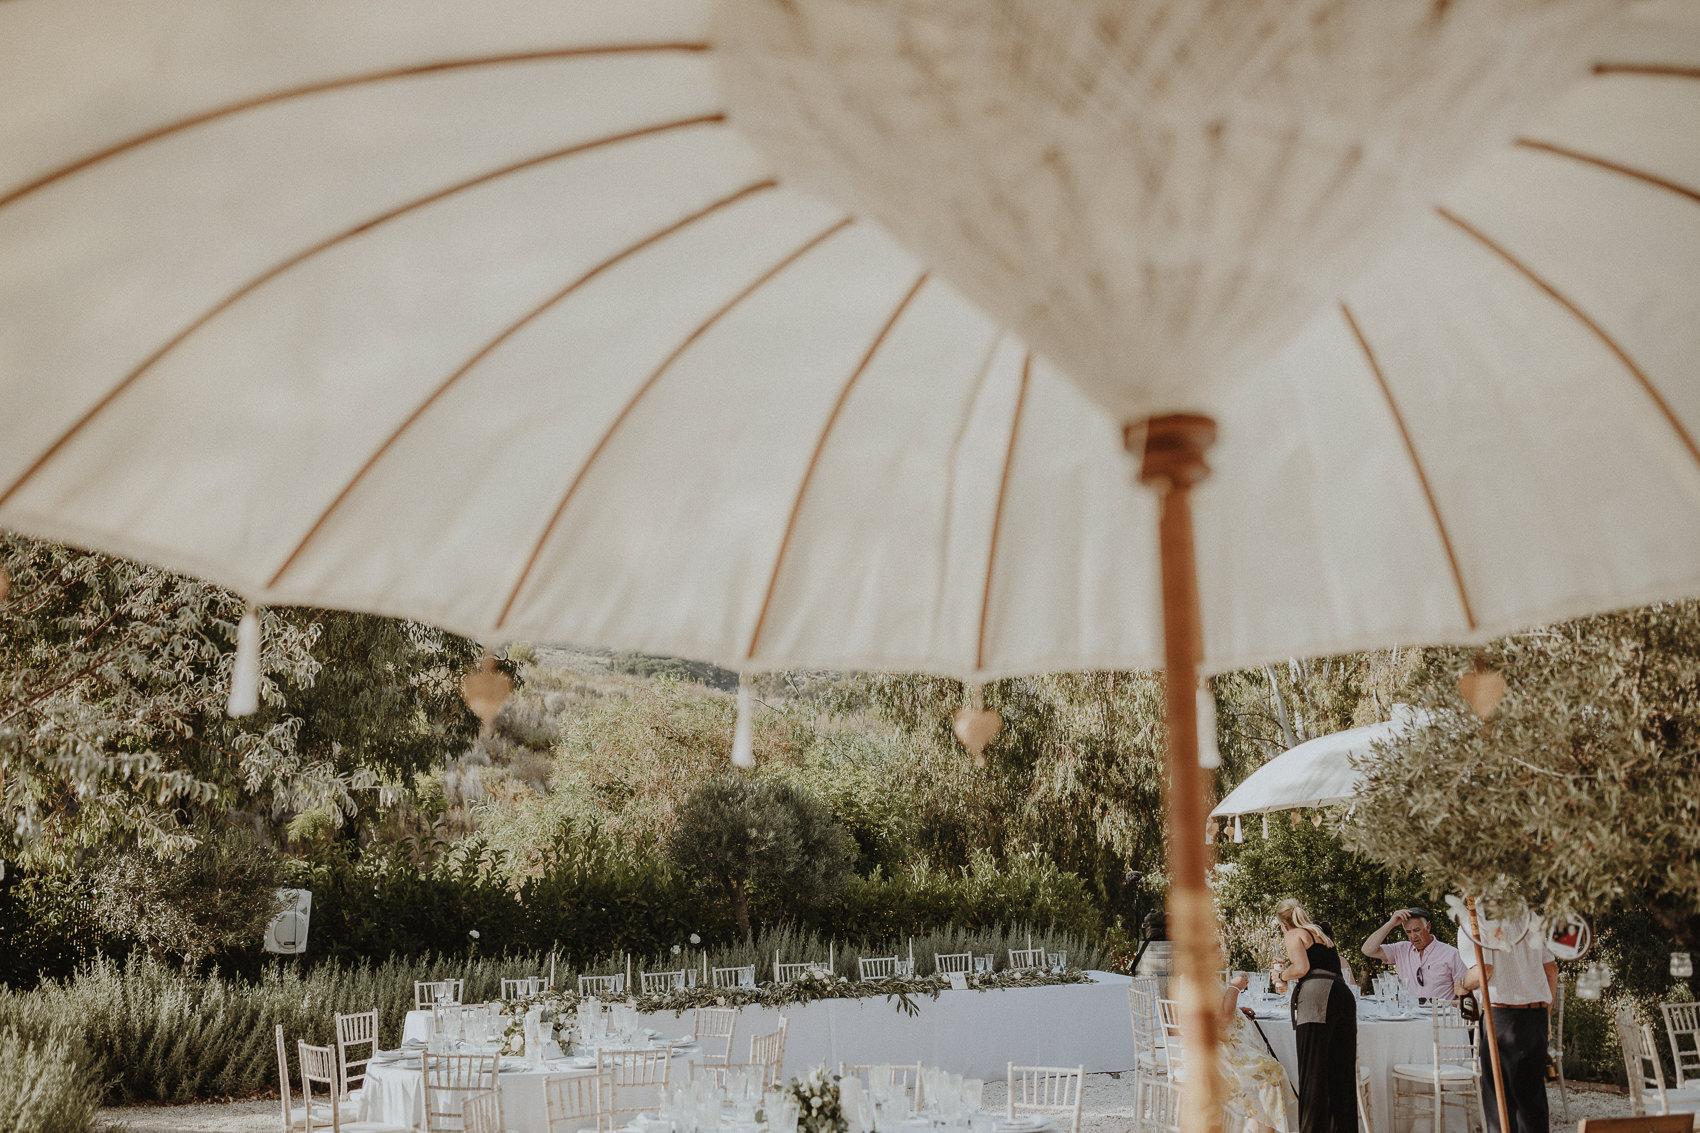 Sarah & Bill | Summer wedding at Cortijo Rosa Blanca | Marbella - Spain 116